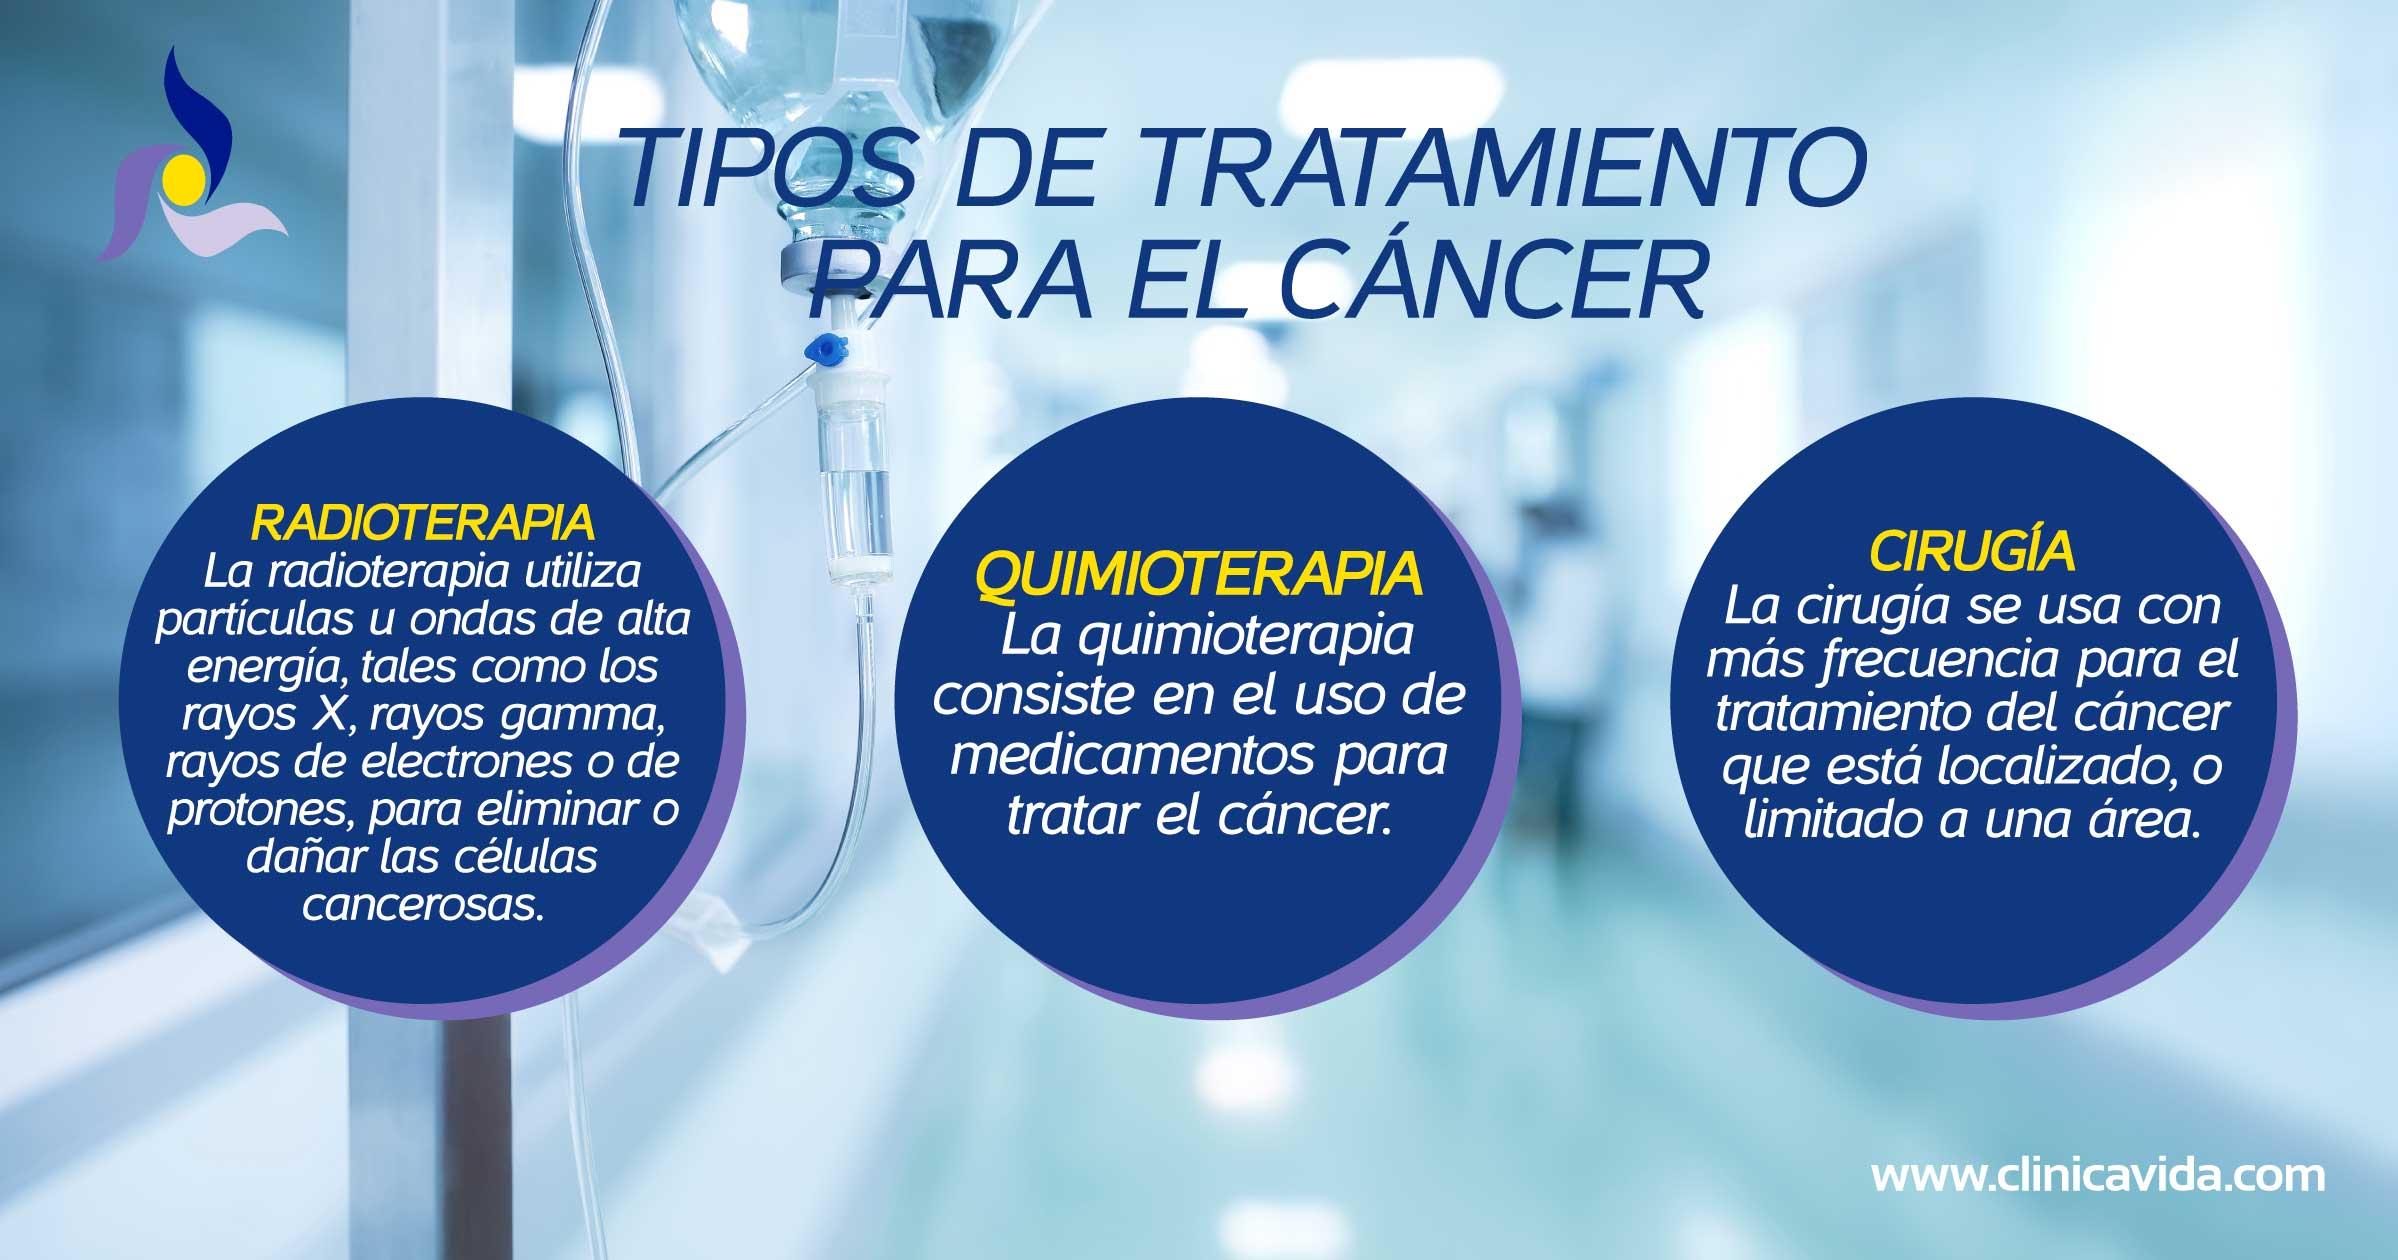 Tipos de tratamiento para el cáncer